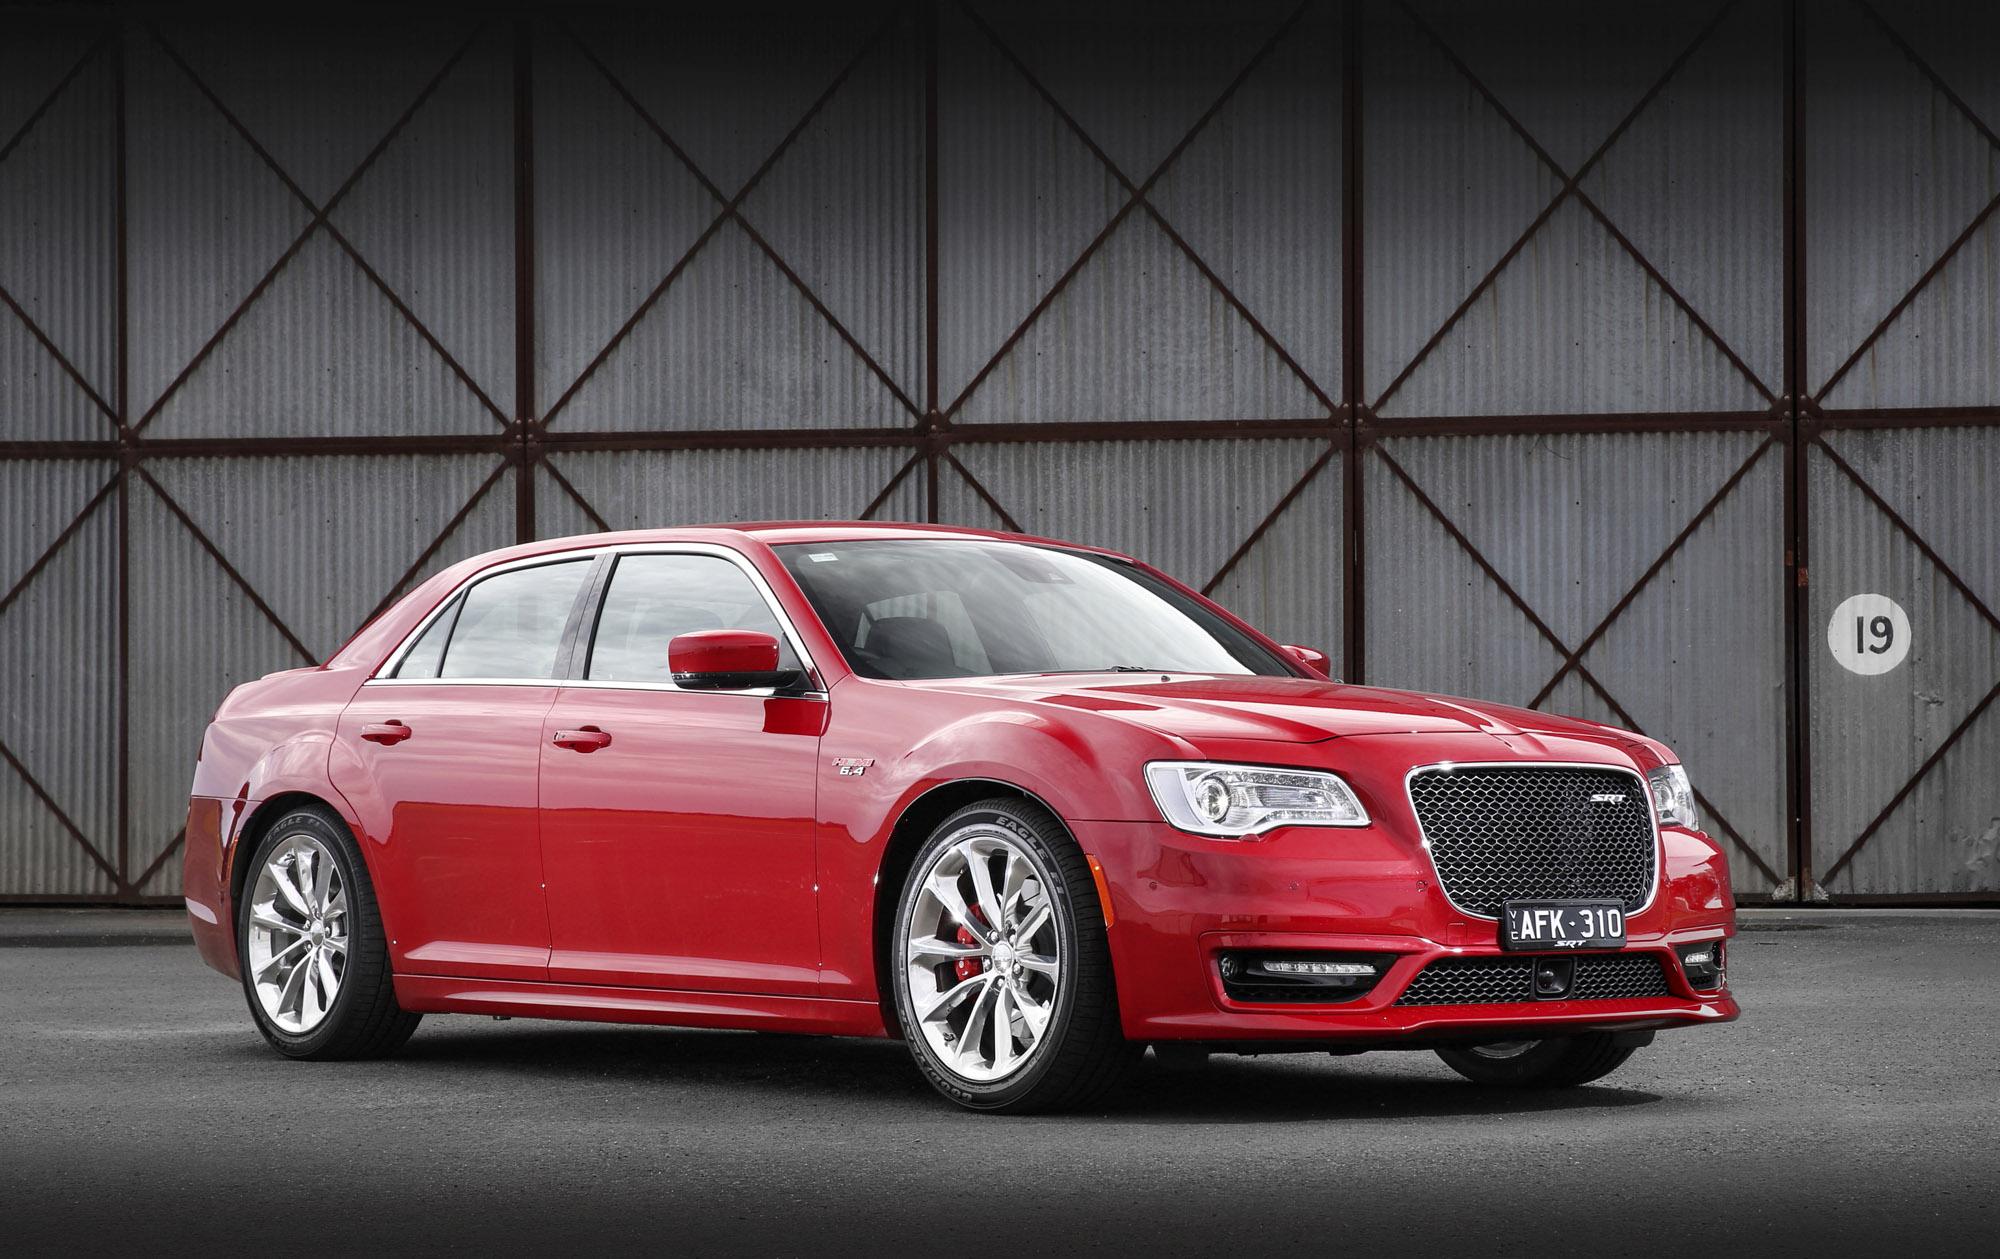 2015 Chrysler 300 SRT Review - photos | CarAdvice